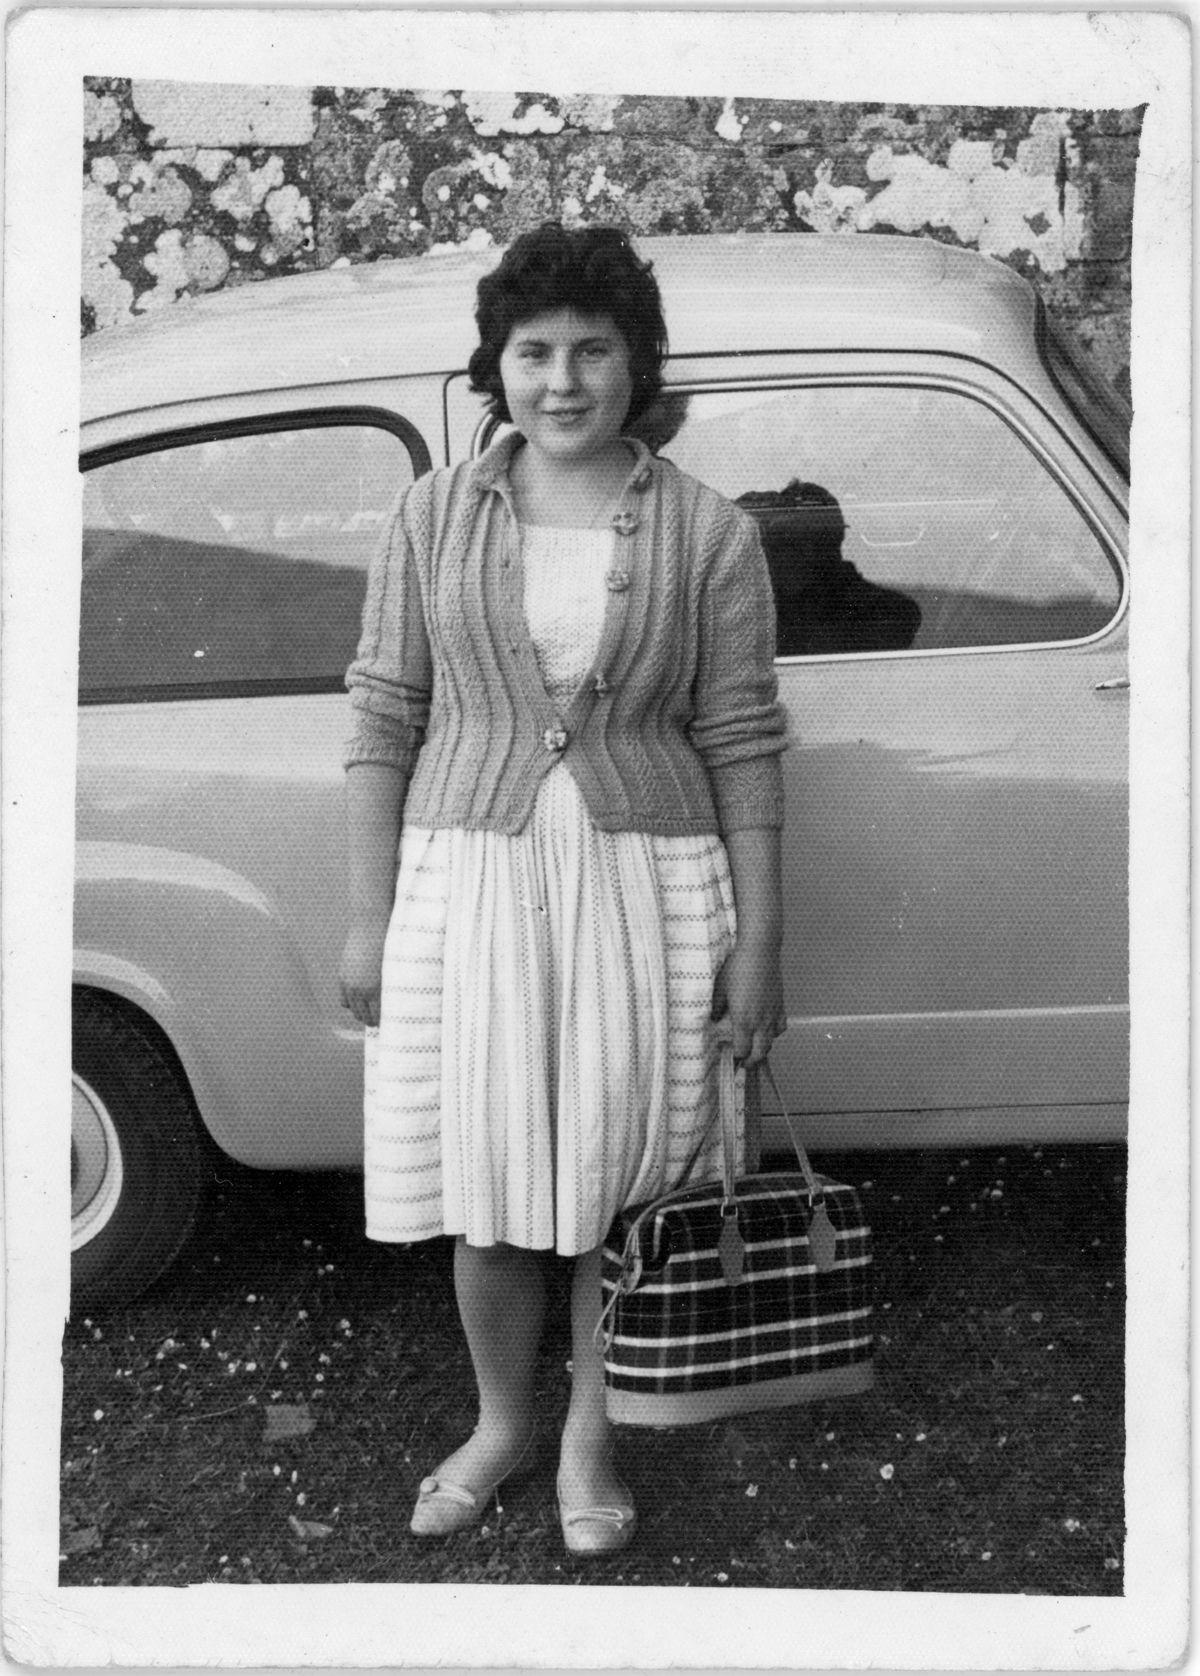 Seat 600 A mi abuelita con cariño Mary 18-06-61